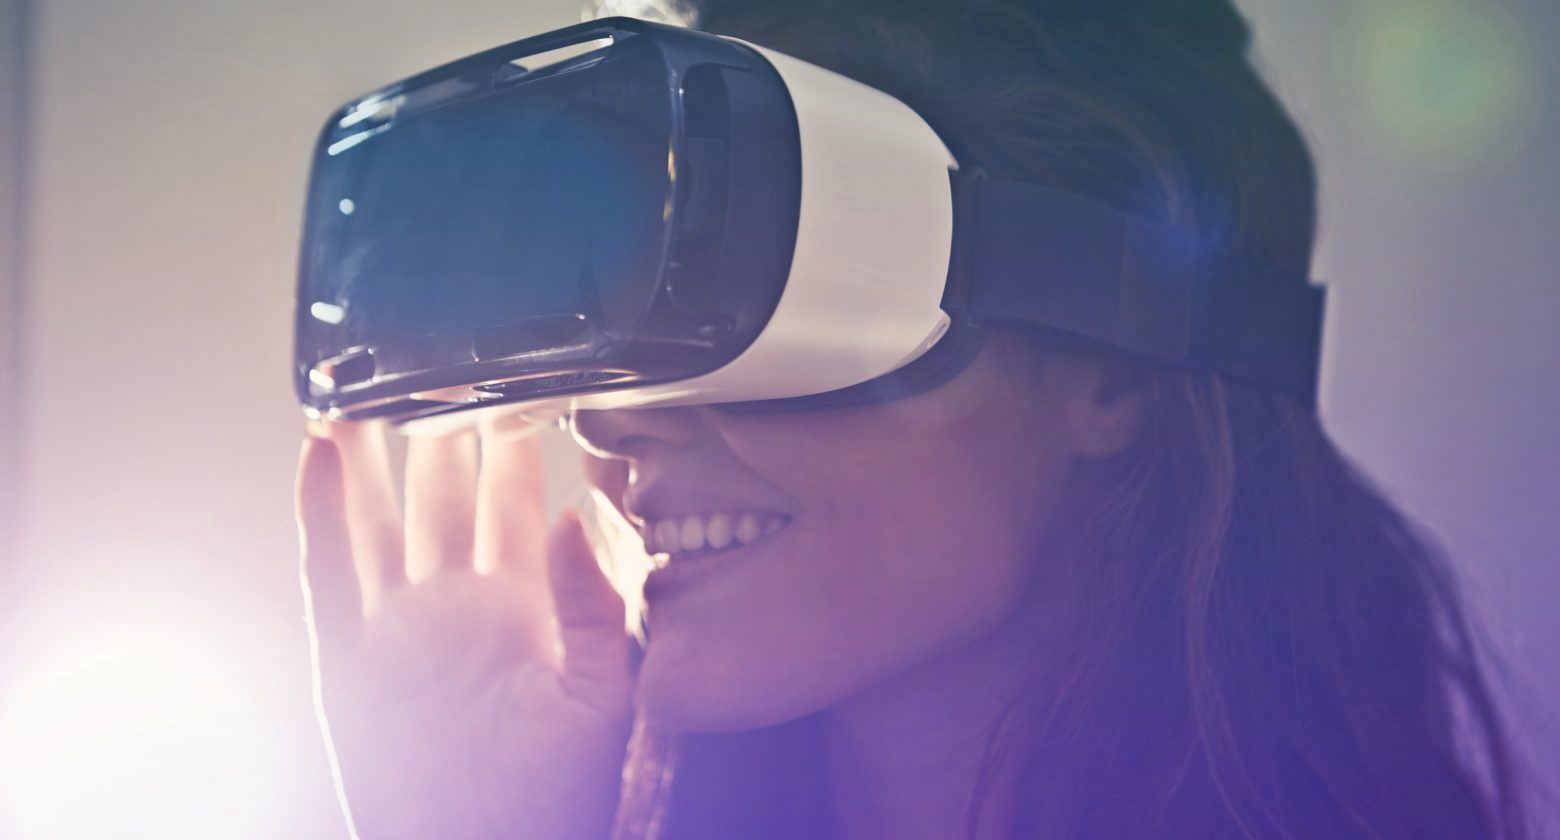 Kujunda tulevikku koos Eesti ühe uuendusmeelsema ettevõttega